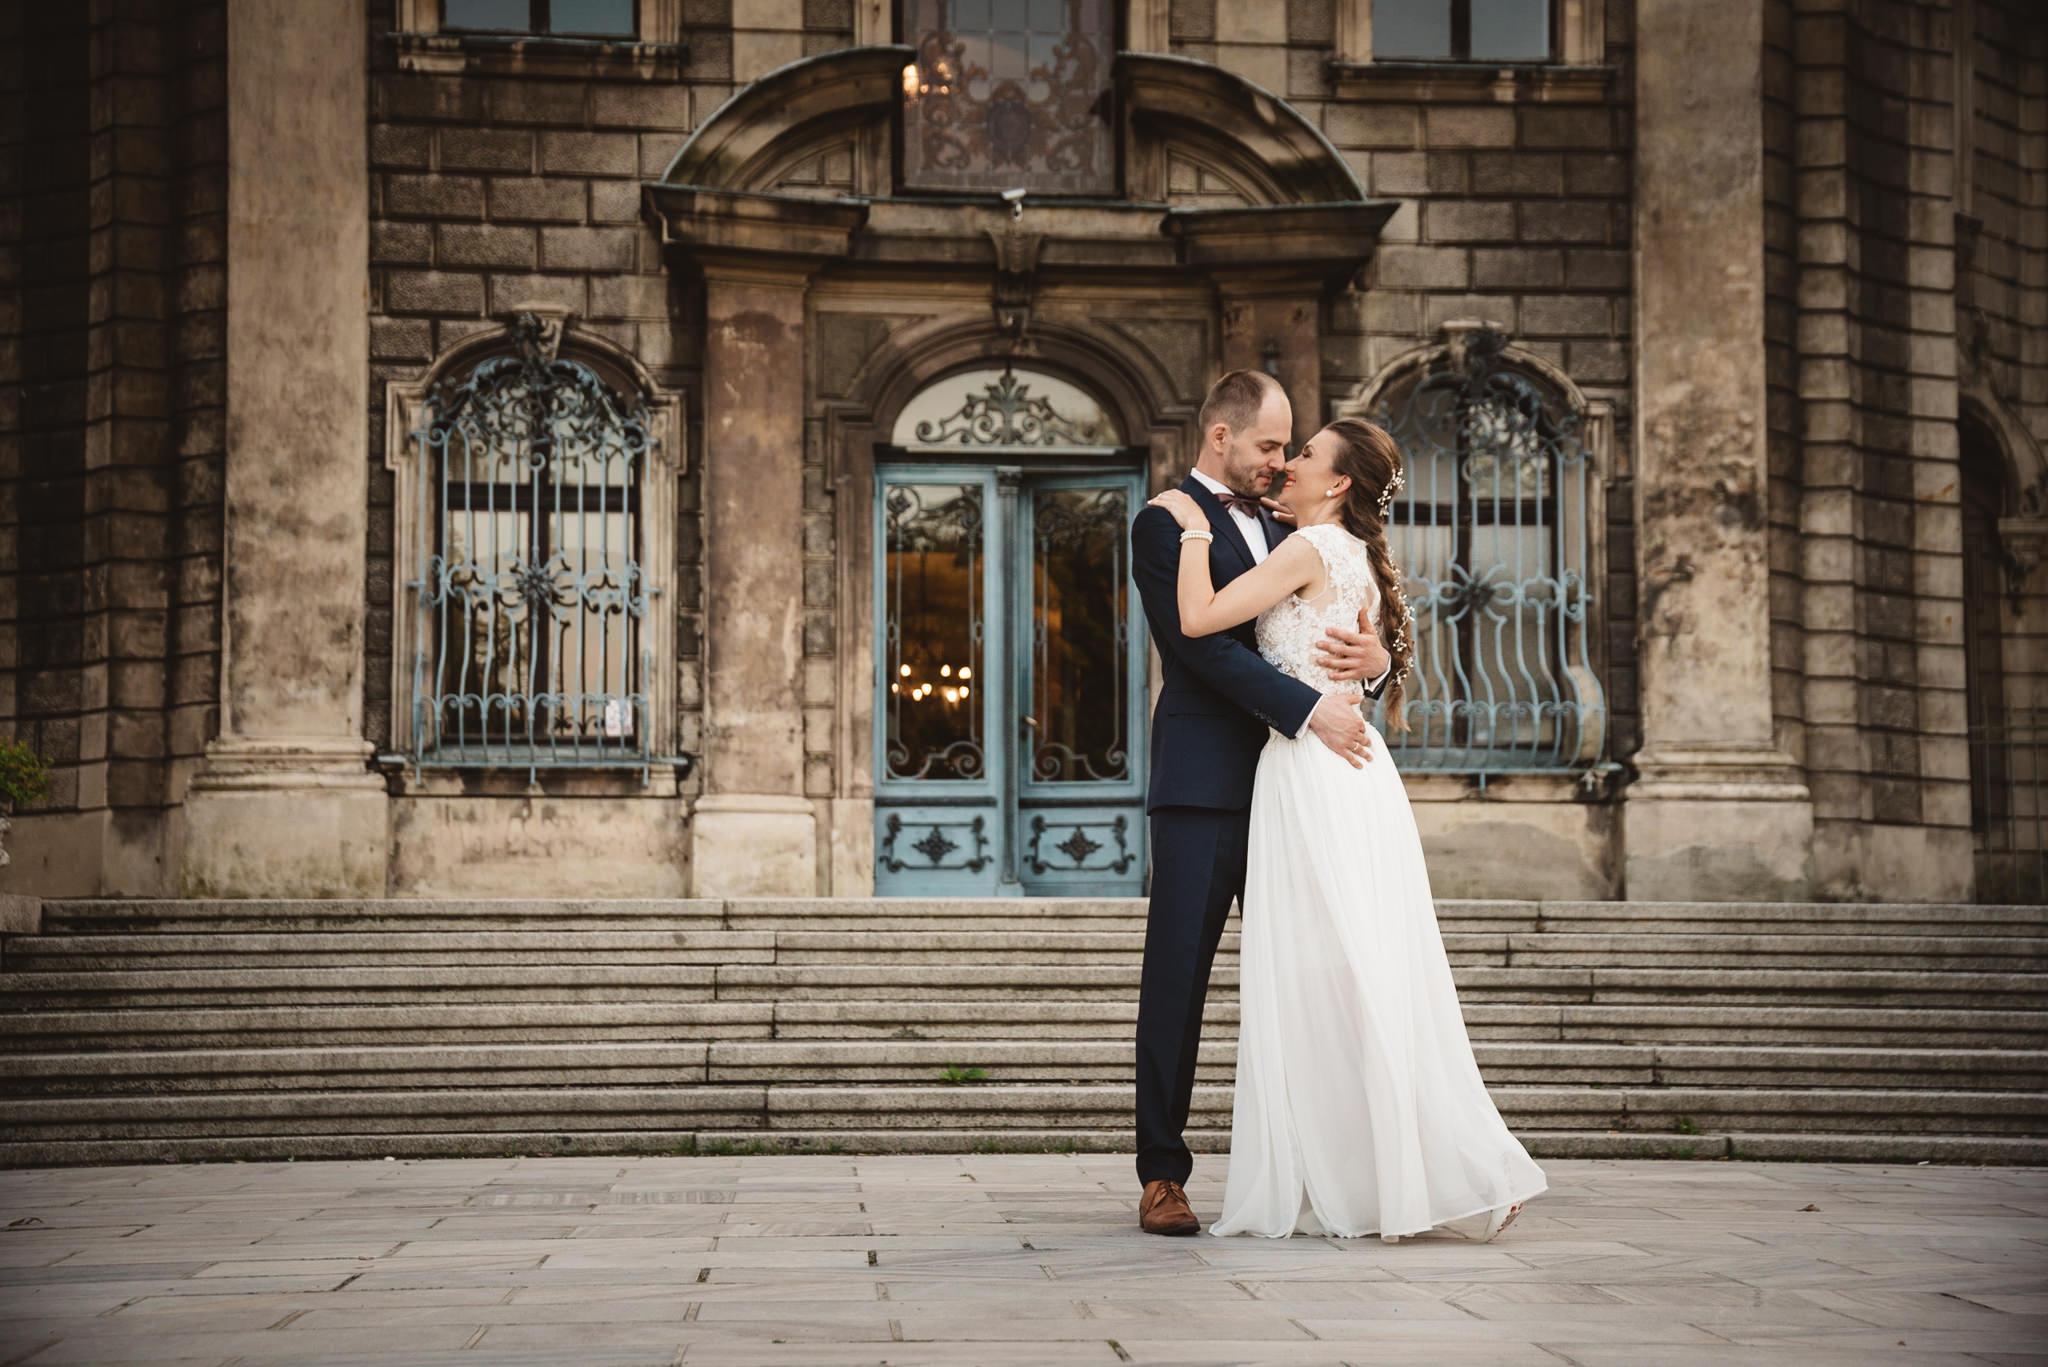 Ala i Arek, czyli jak zorganizować ślub i wesele w 4 tygodnie! 392